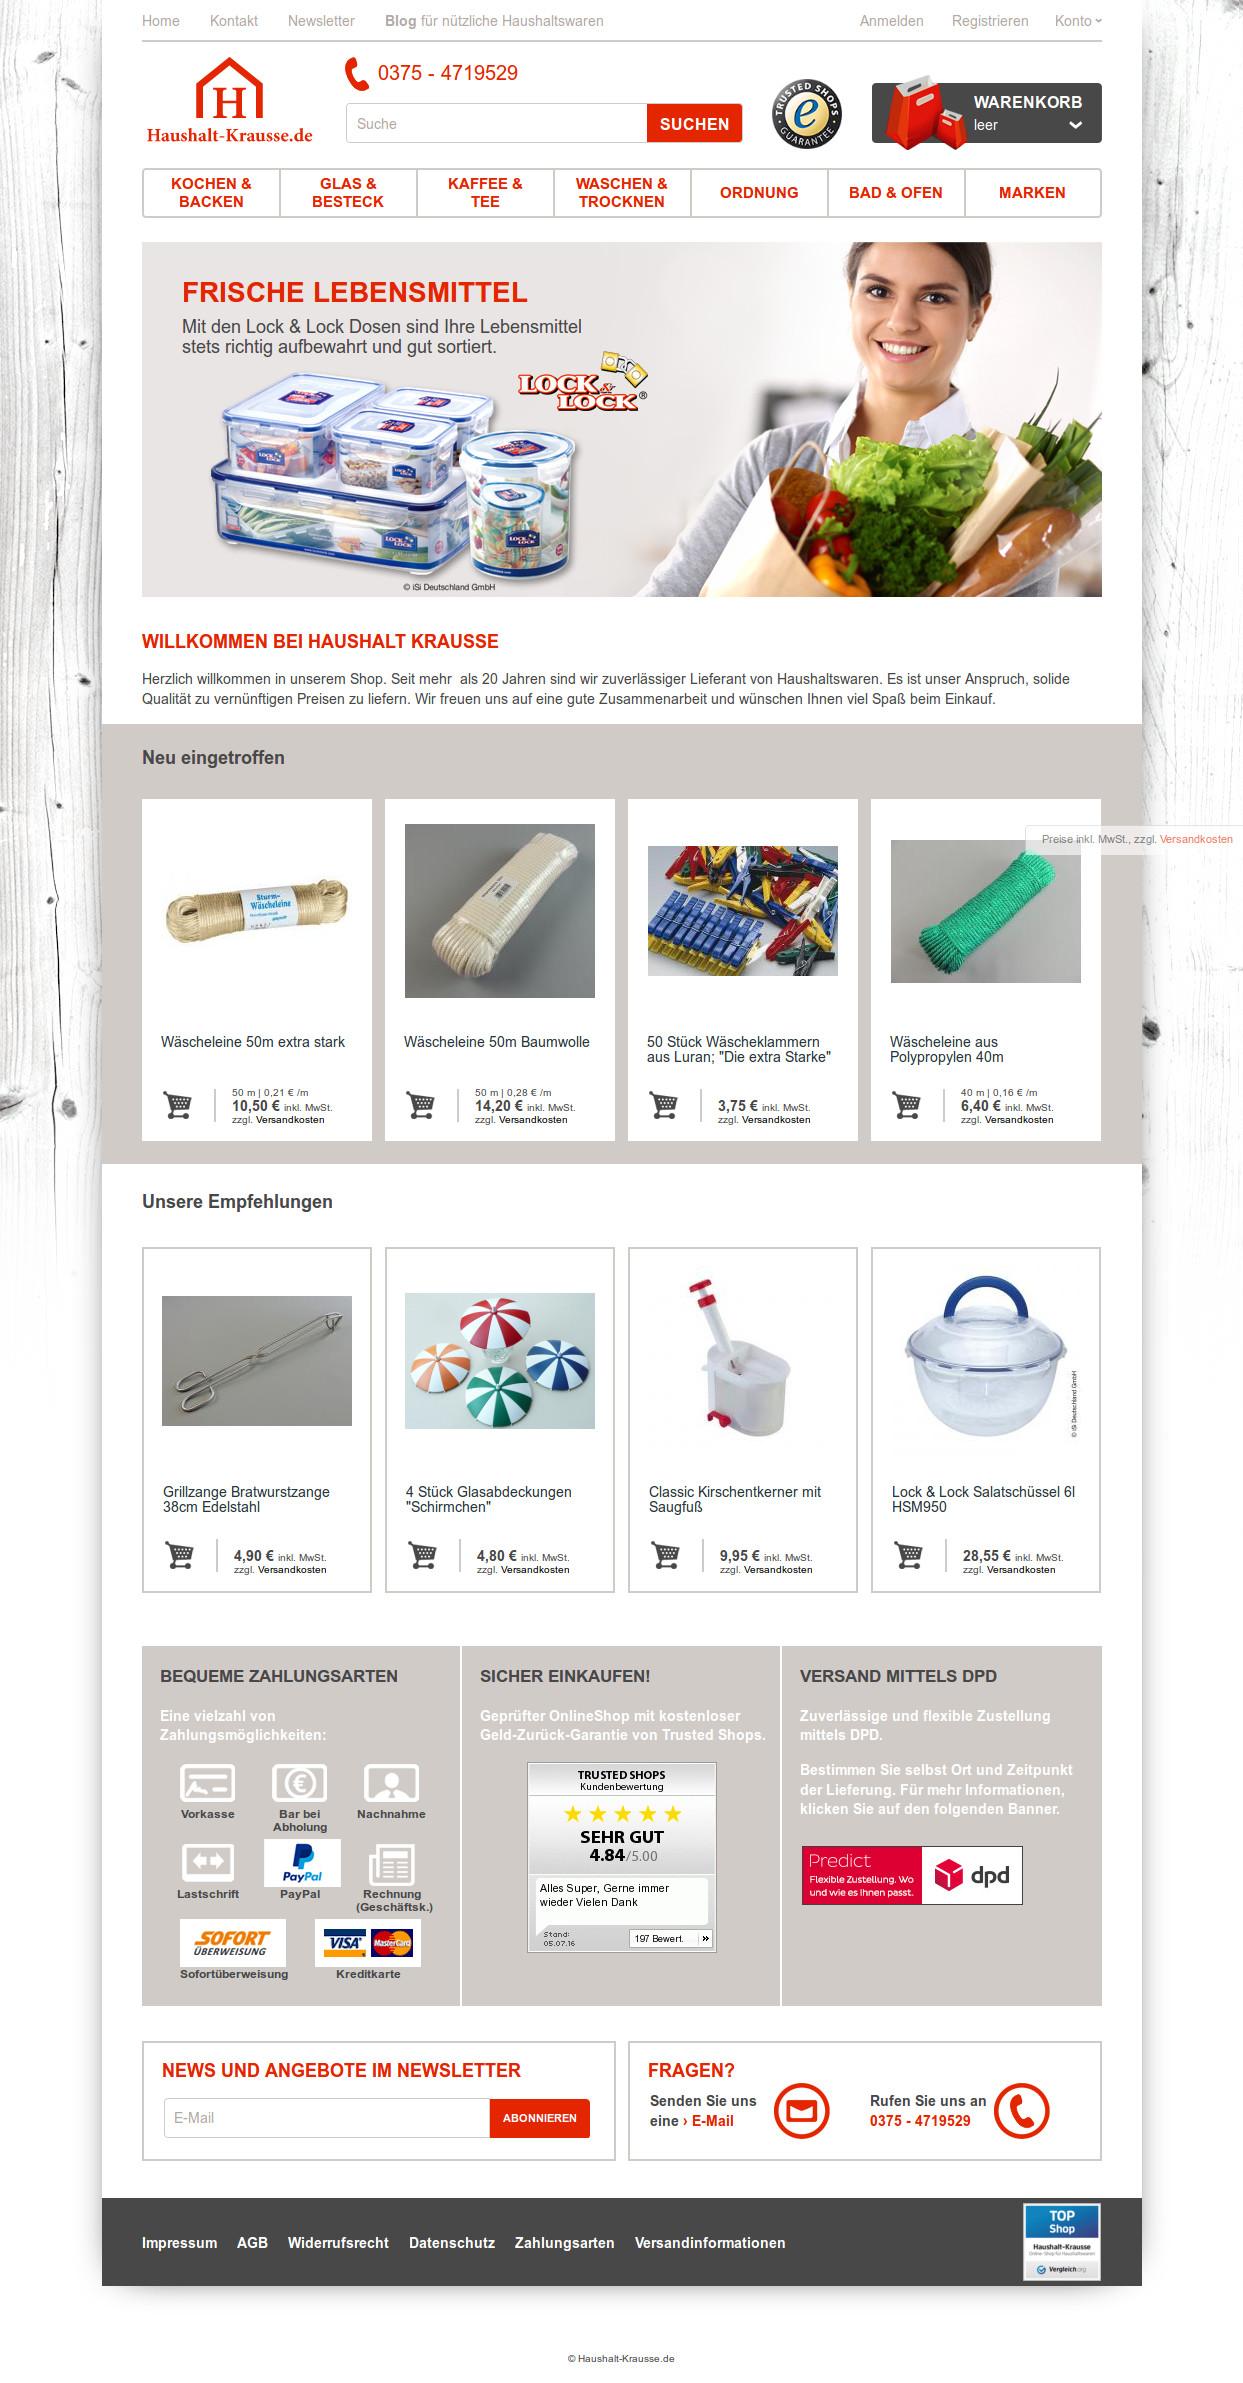 haushalts online shop haushalt myduano online shop kuche und haushalt online shop appetitlich. Black Bedroom Furniture Sets. Home Design Ideas